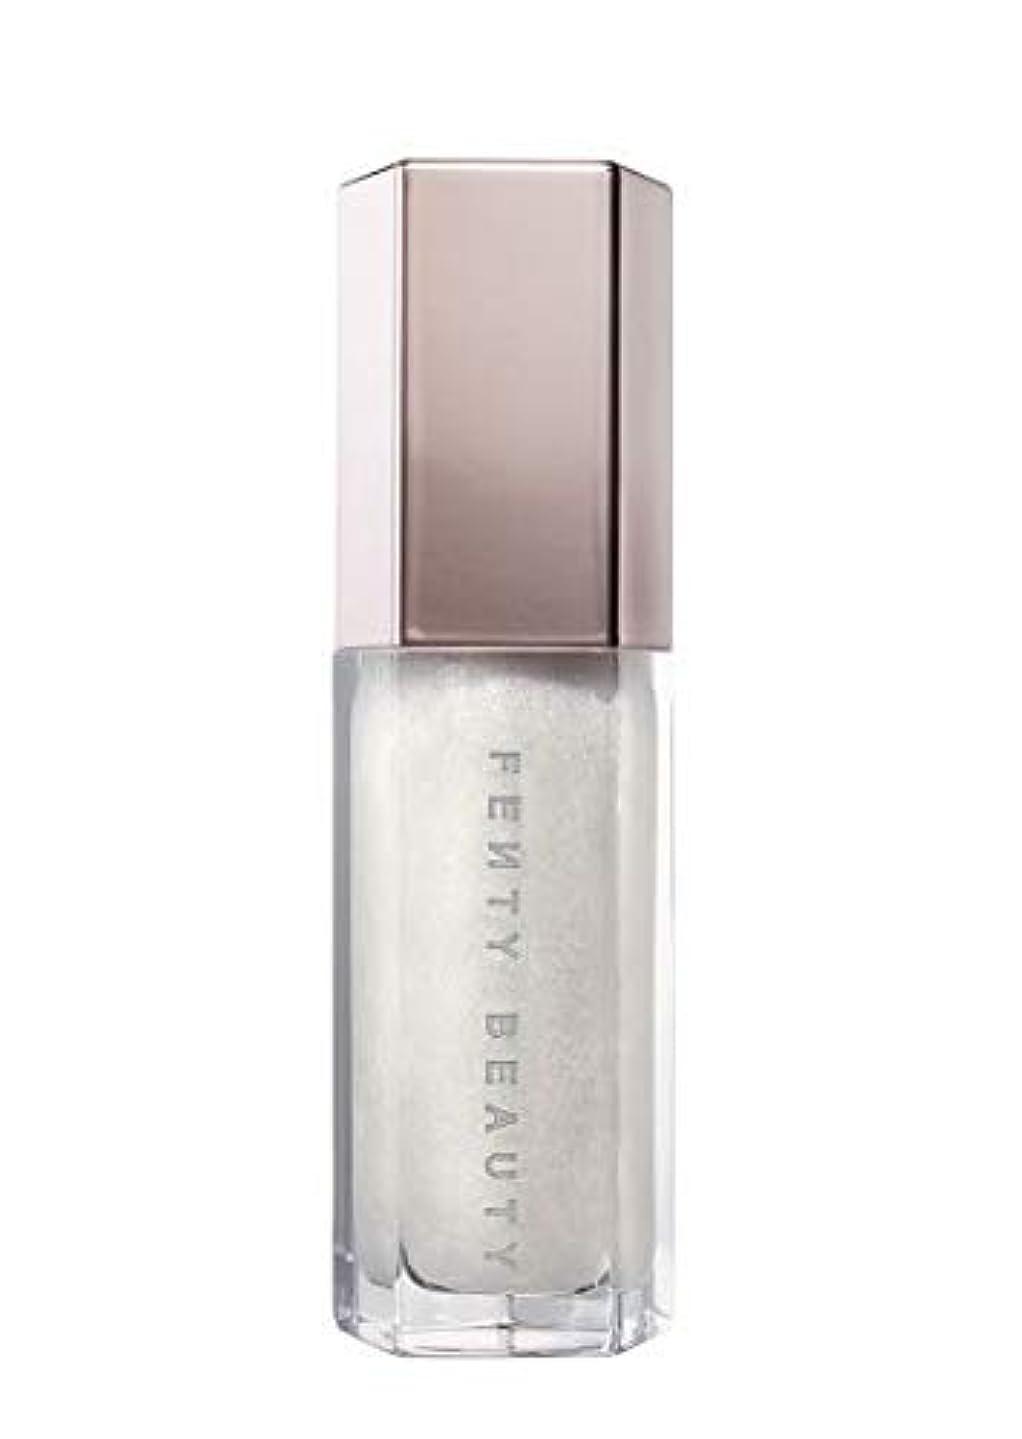 シビックカロリー連隊Fenty GLOSS BOMB Universal Lip Luminizer Diamond Milk フェンティ グロスボム ダイヤモンド ミルク [並行輸入品]